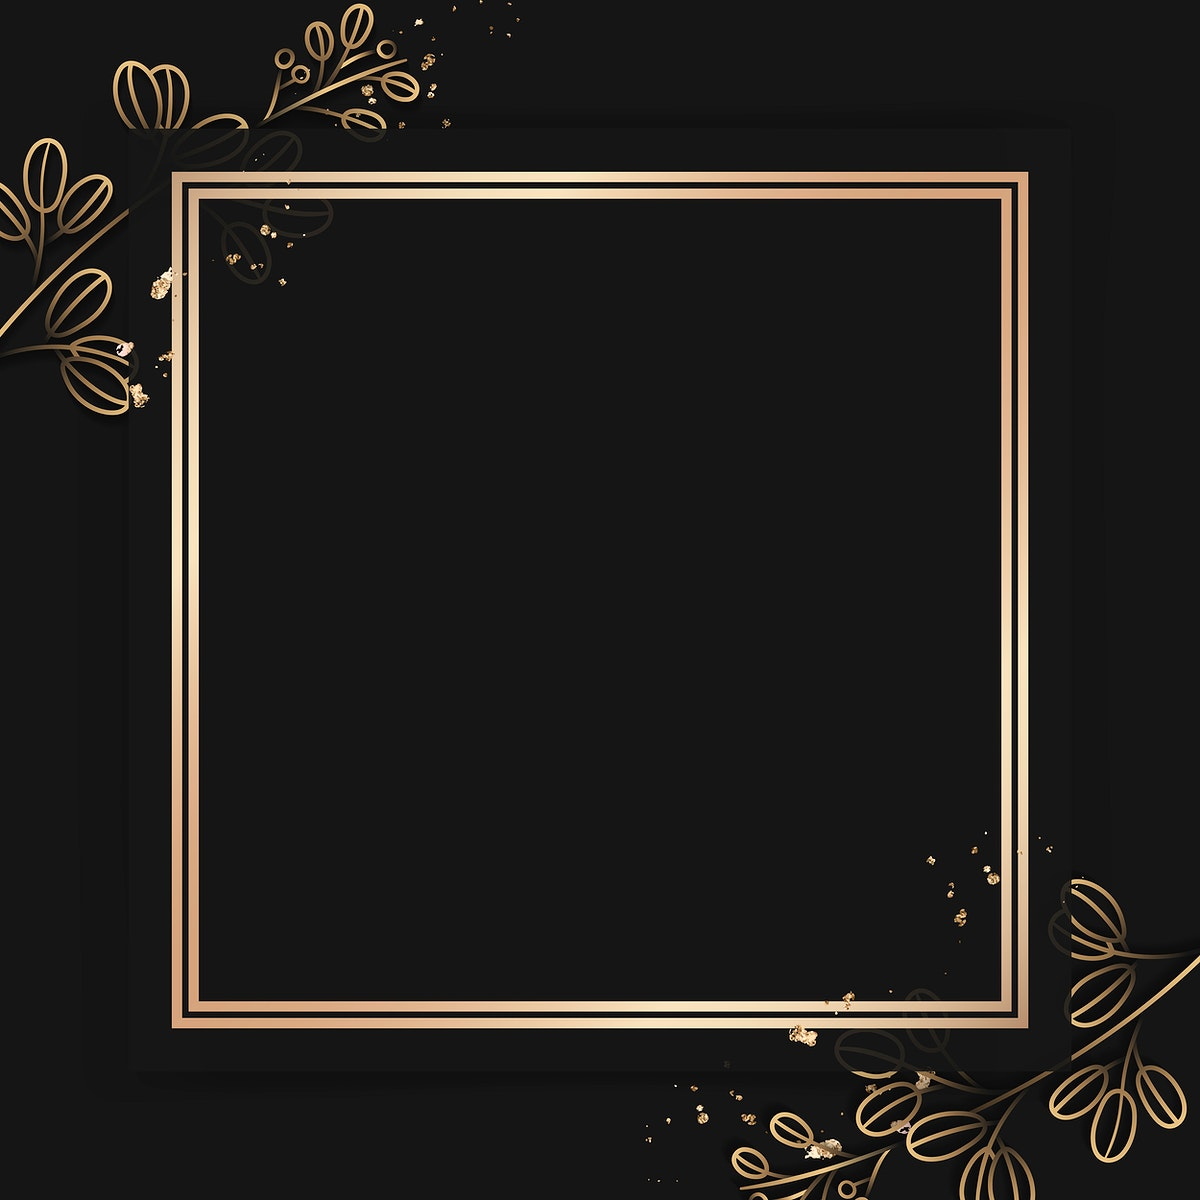 Square gold frame on floral pattern black background vector